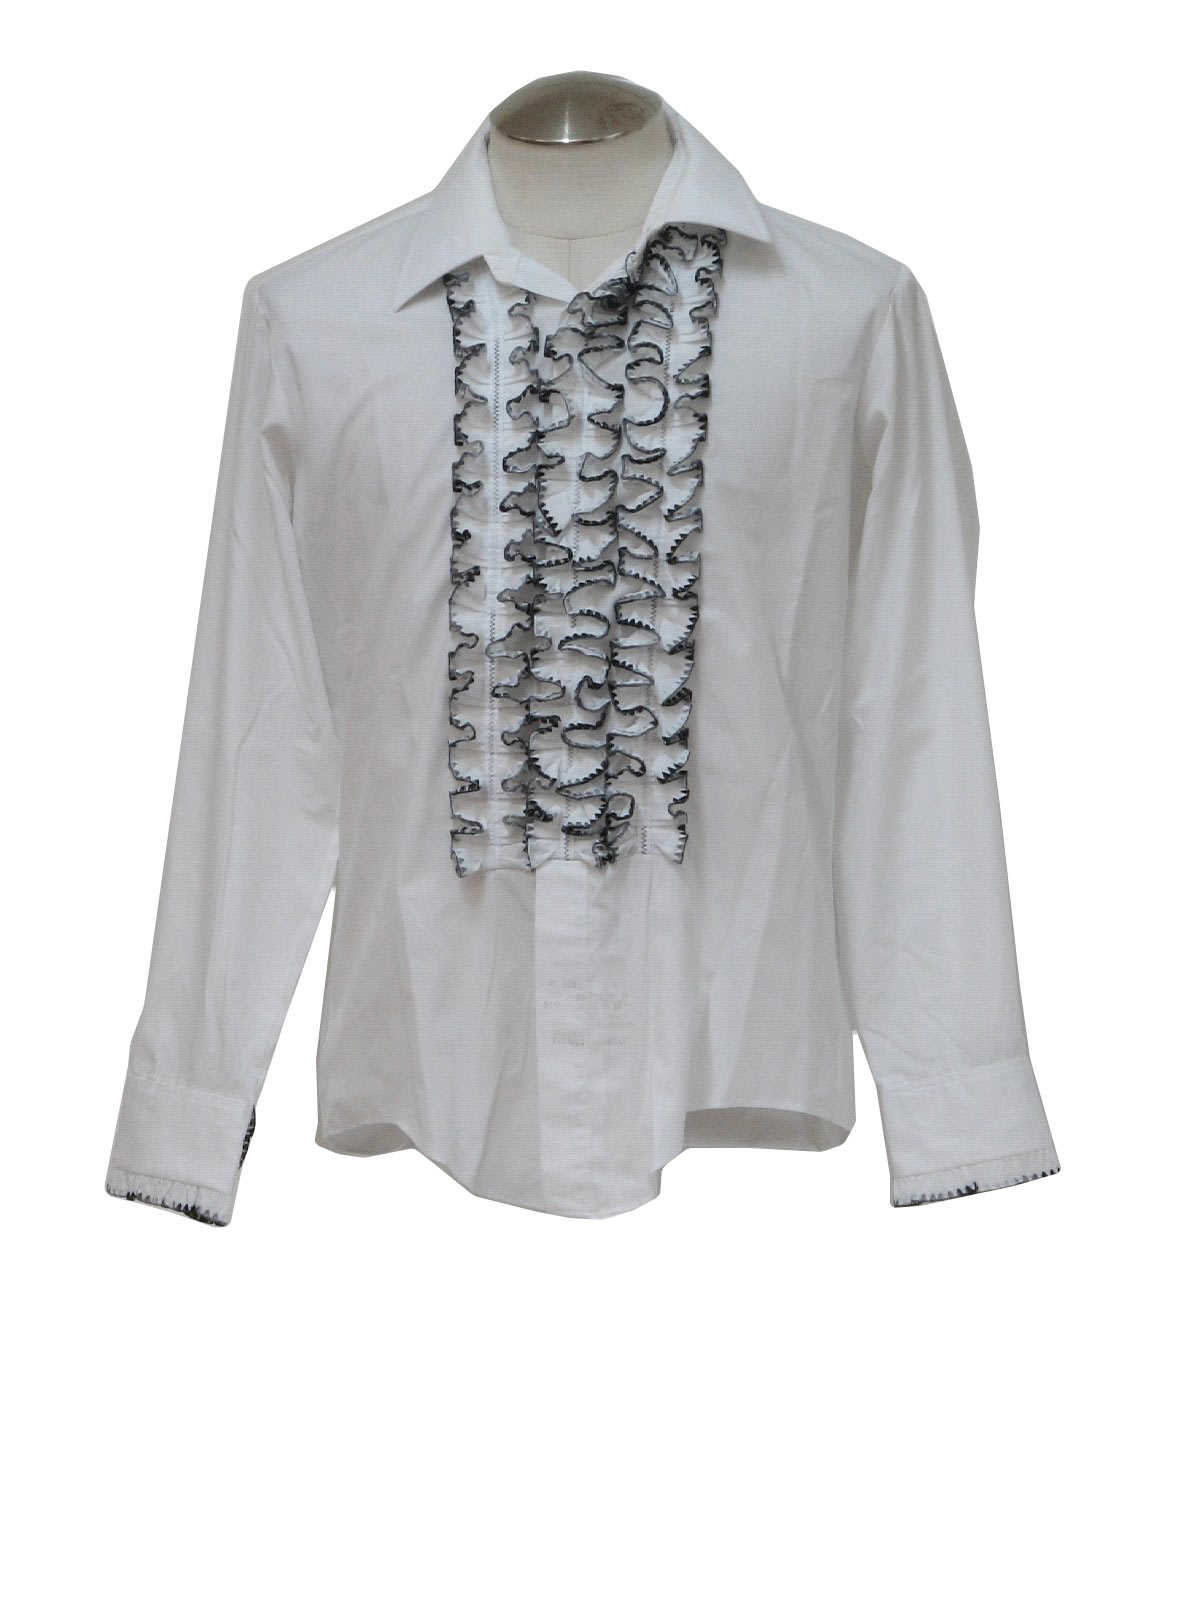 1970 39 S Shirt Palm Beach Formals Late 70s Palm Beach